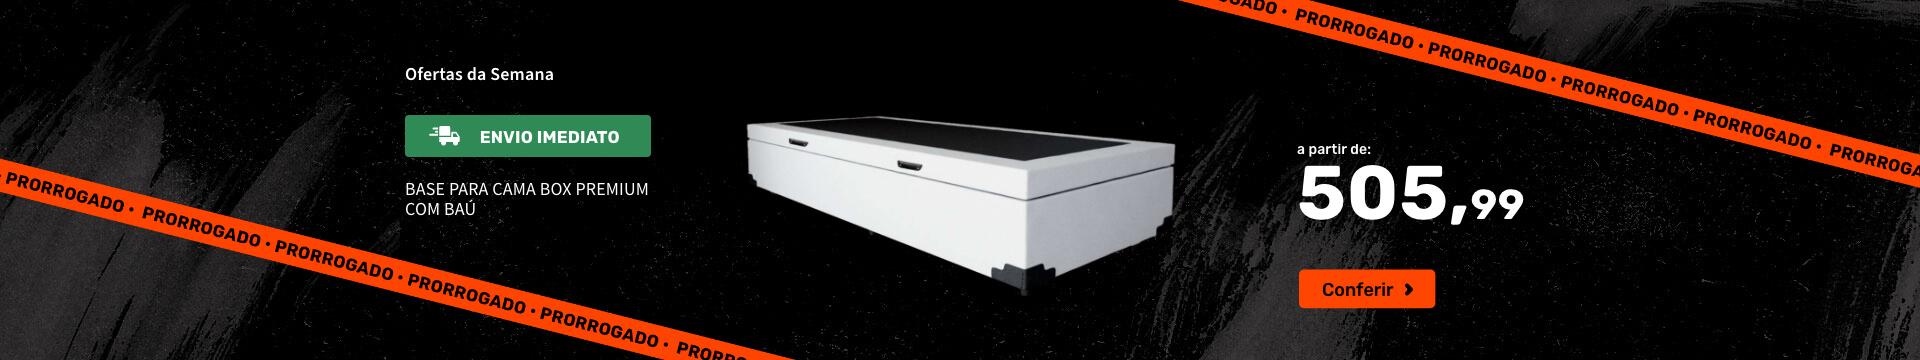 Base para Cama Box Premium com Baú